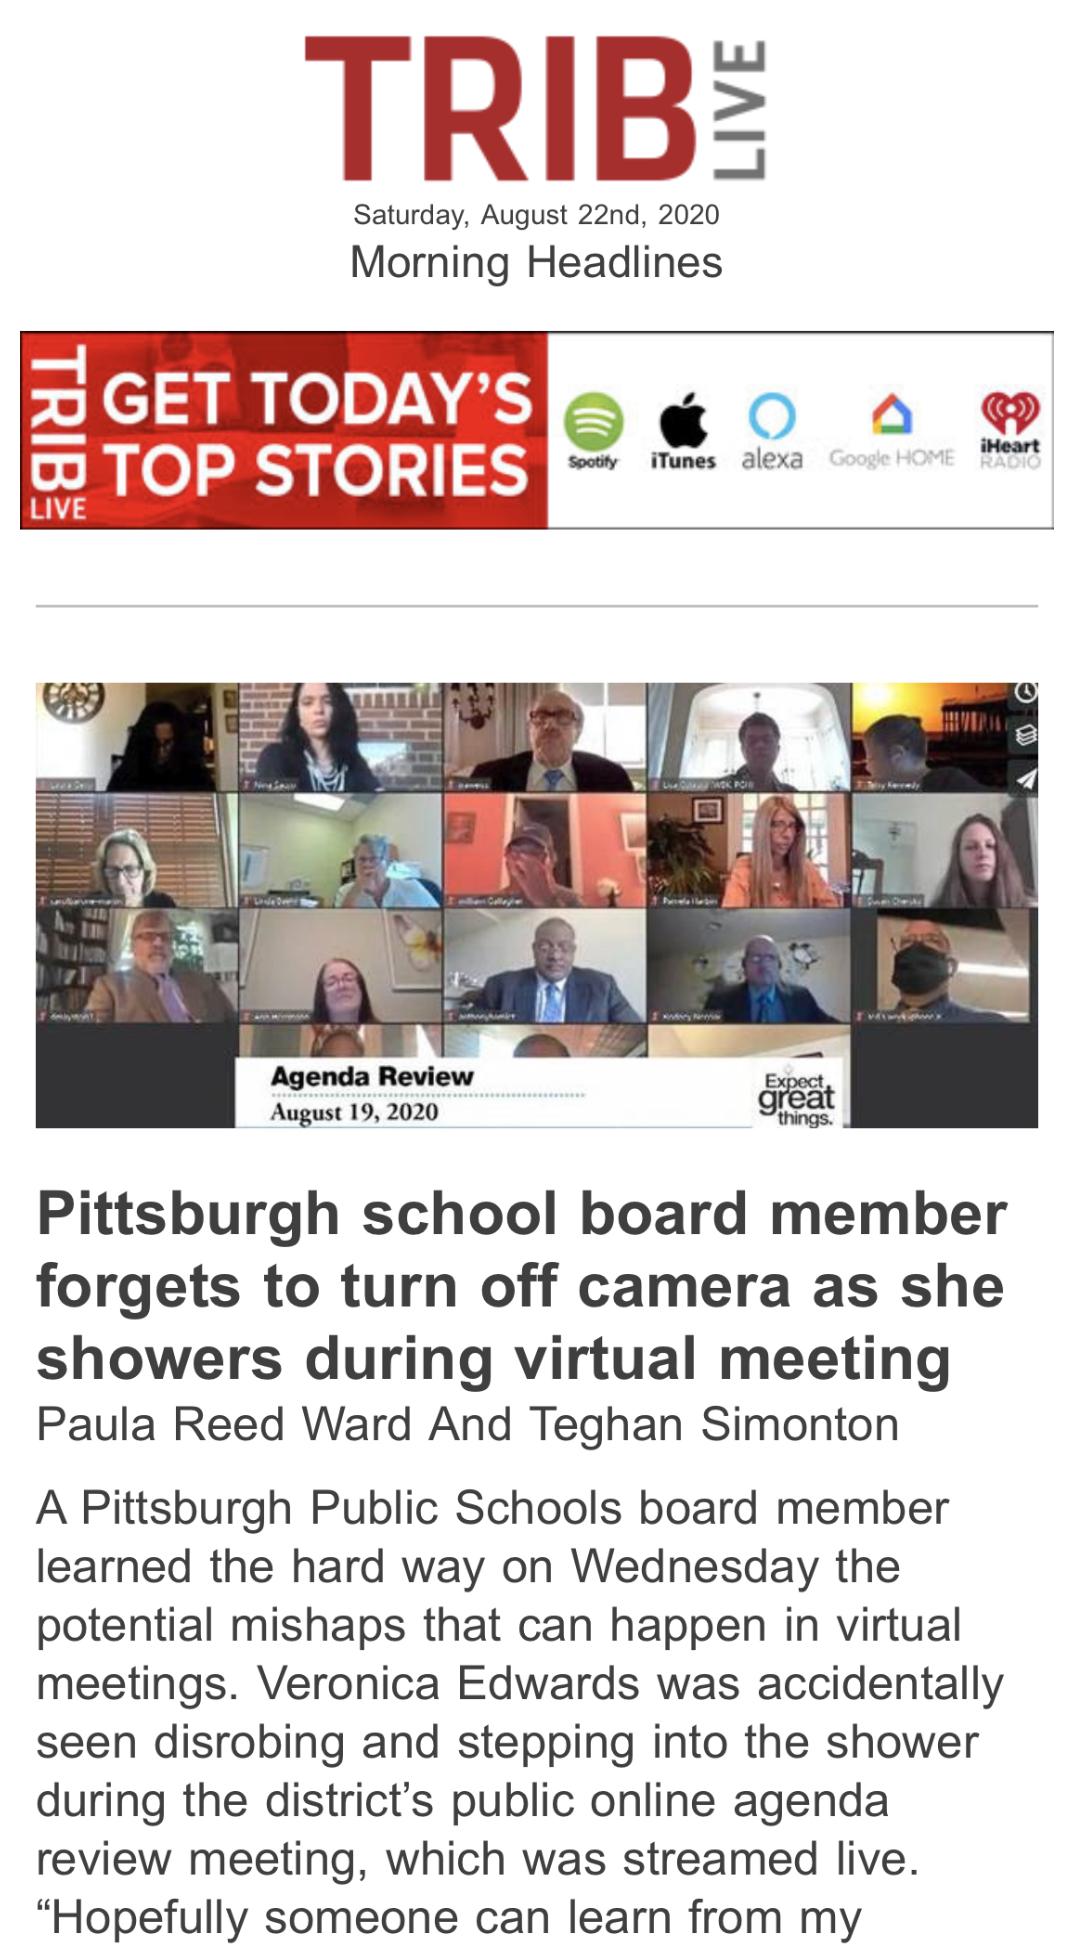 Trib screen grab of headline